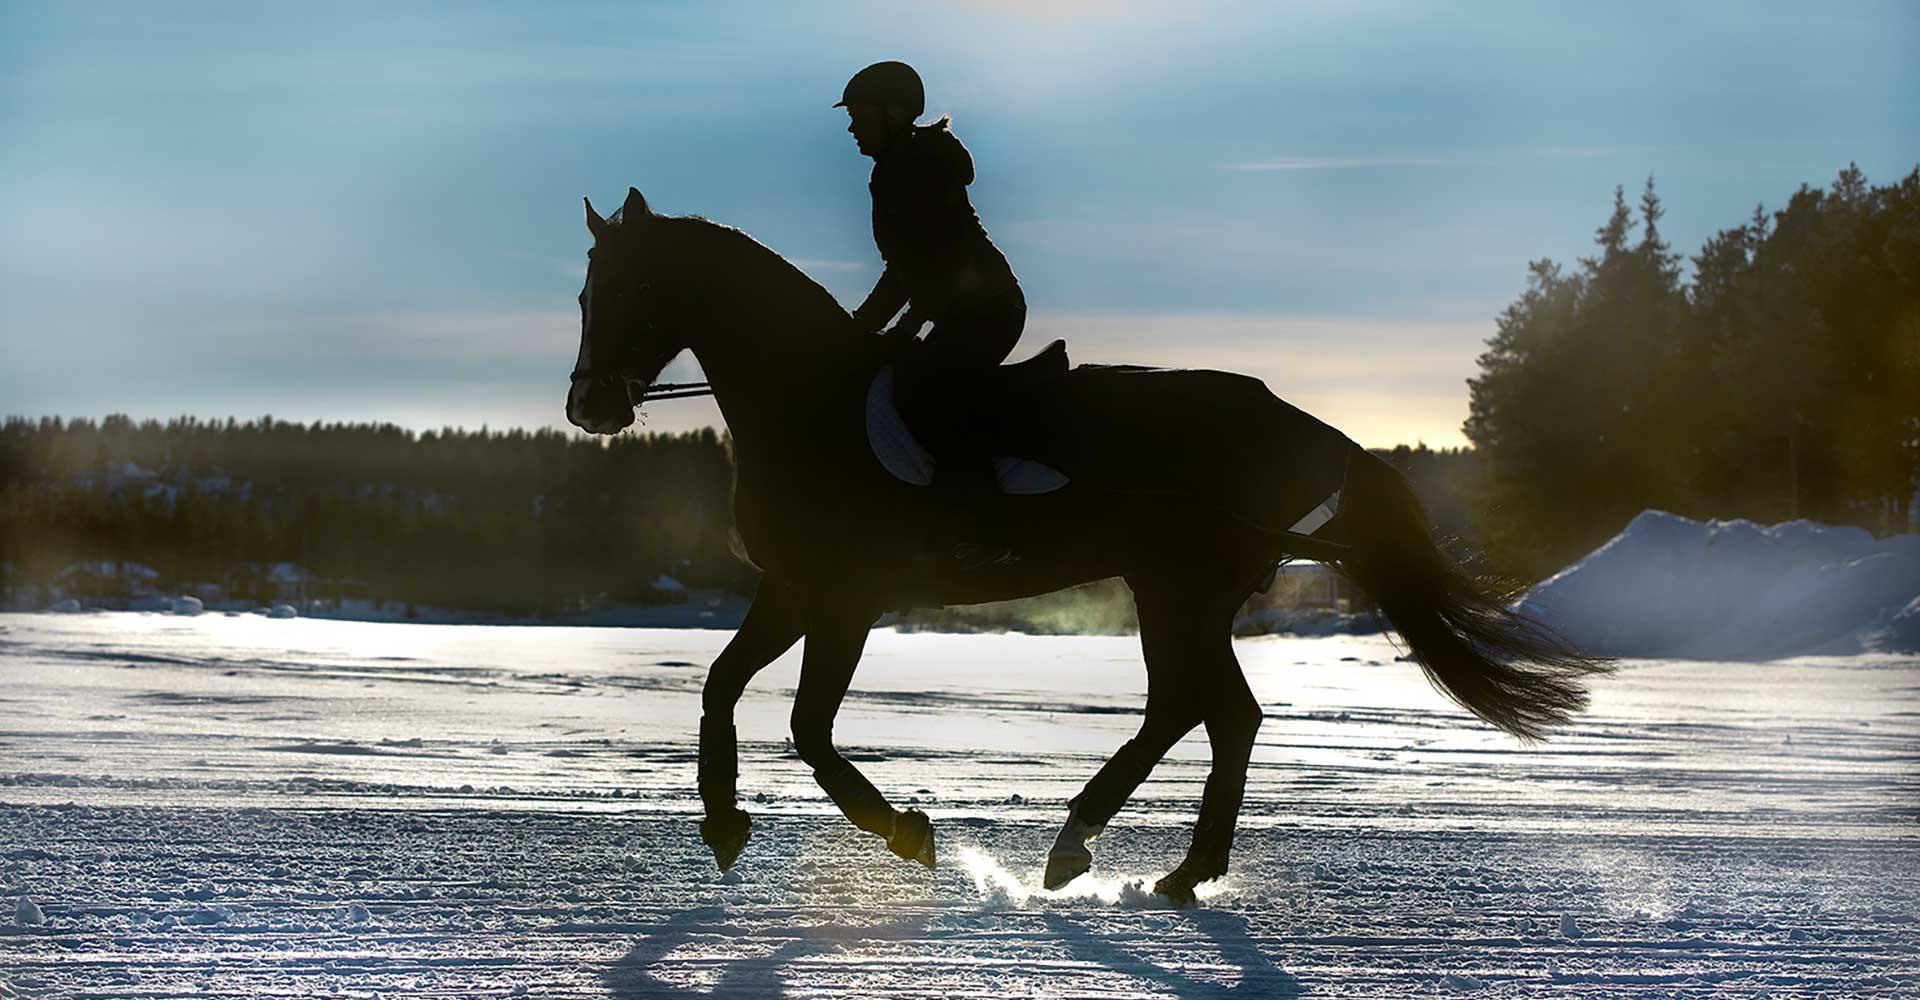 Pferdeartikel